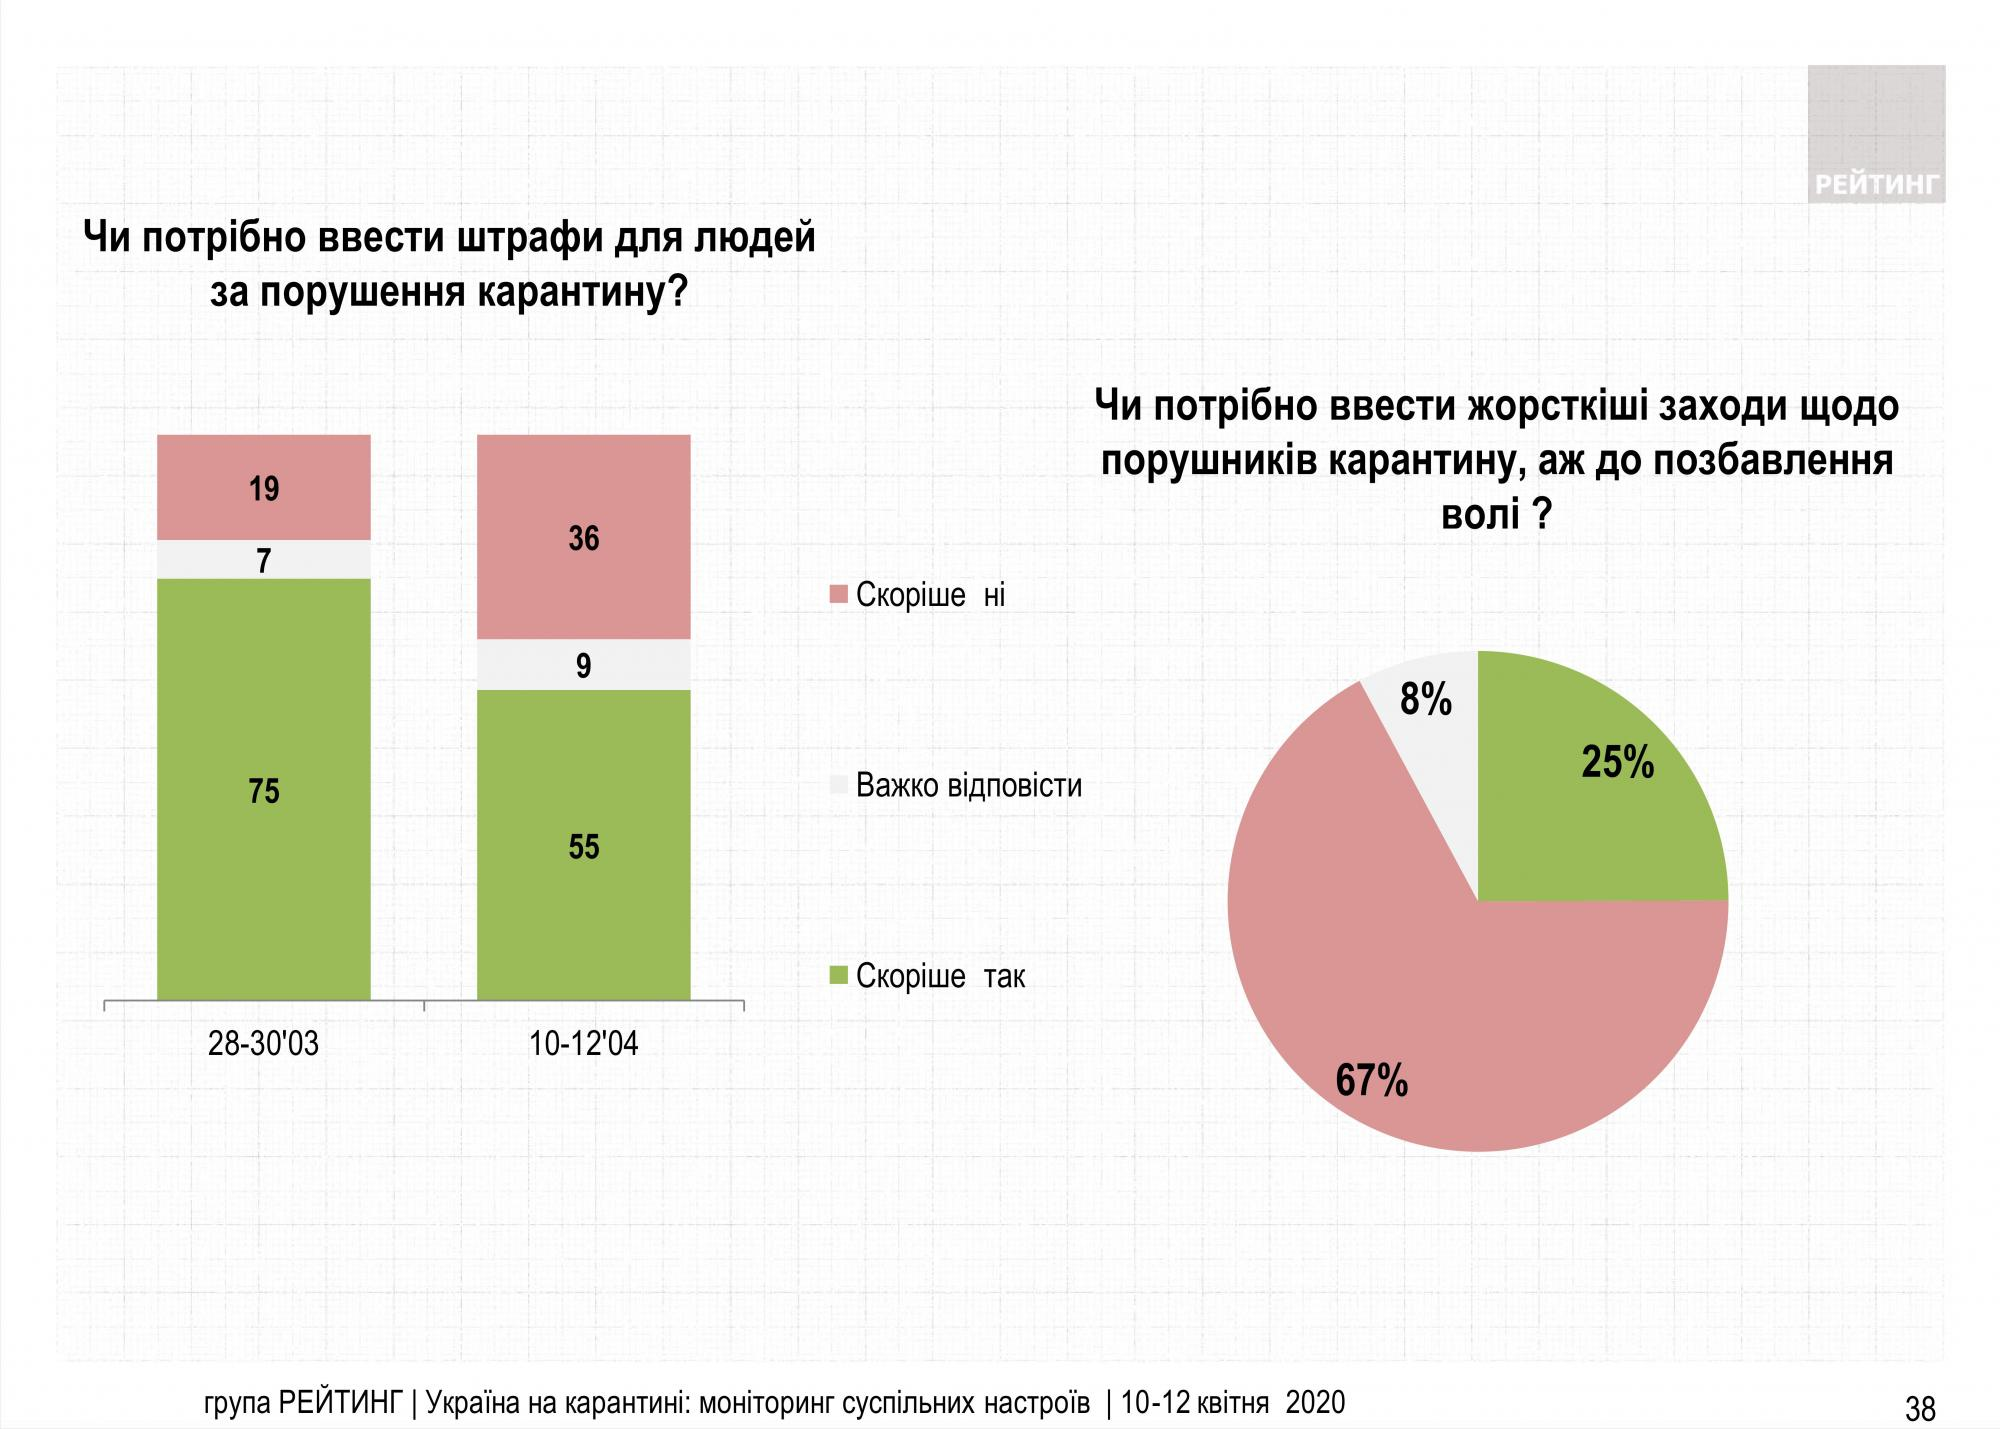 Только 25% украинцев поддерживает жесткие меры за нарушение карантина